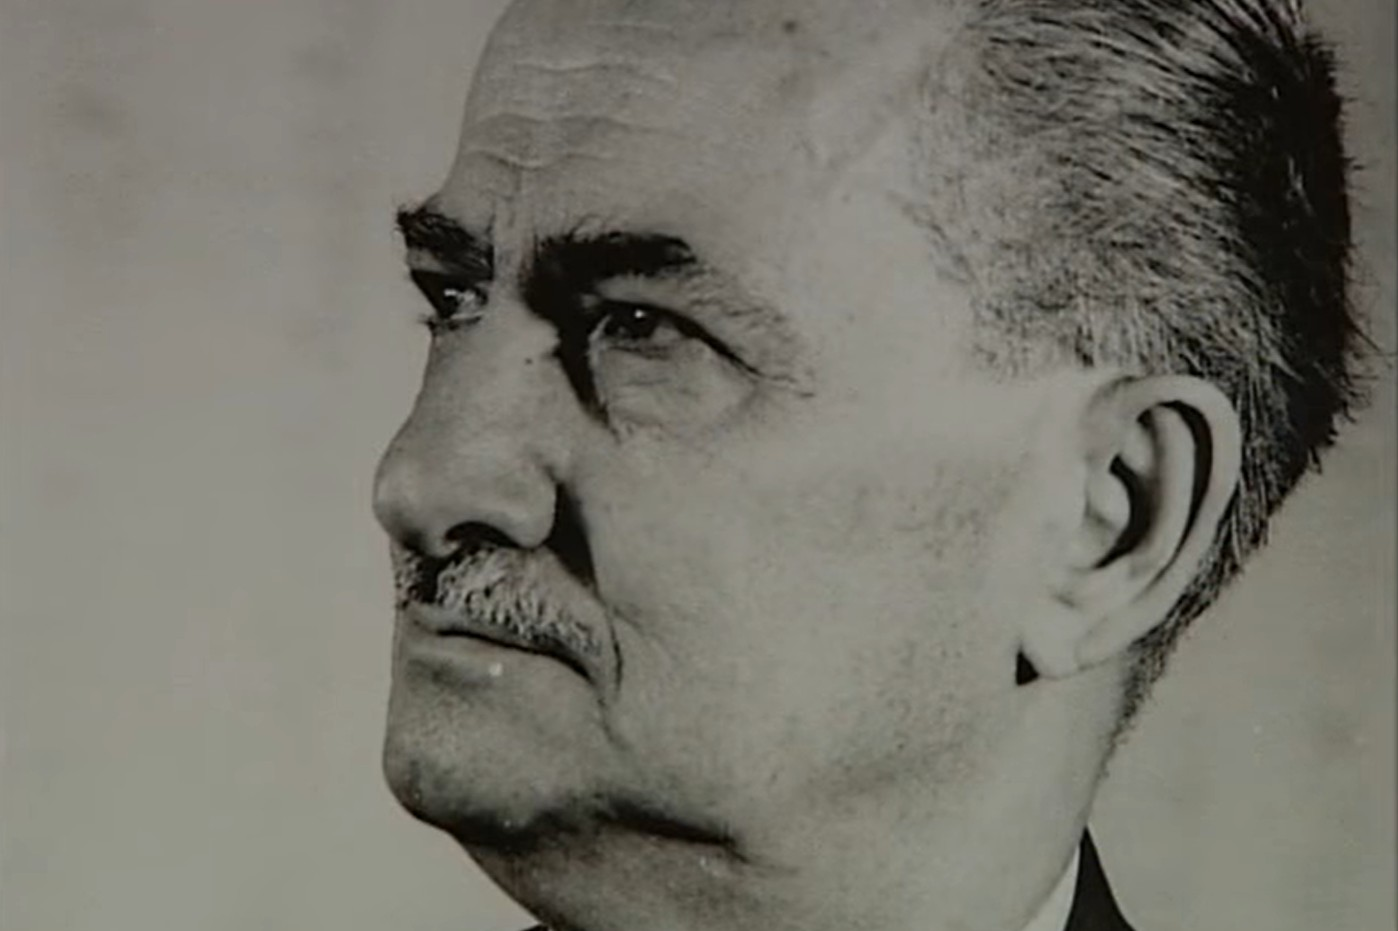 Srpski istoričar umetnosti, likovni kritičar, književnik, istoričar književnosti i kulturni radnik Milan Kašanin (Foto: Snimak ekrana/Jutjub)